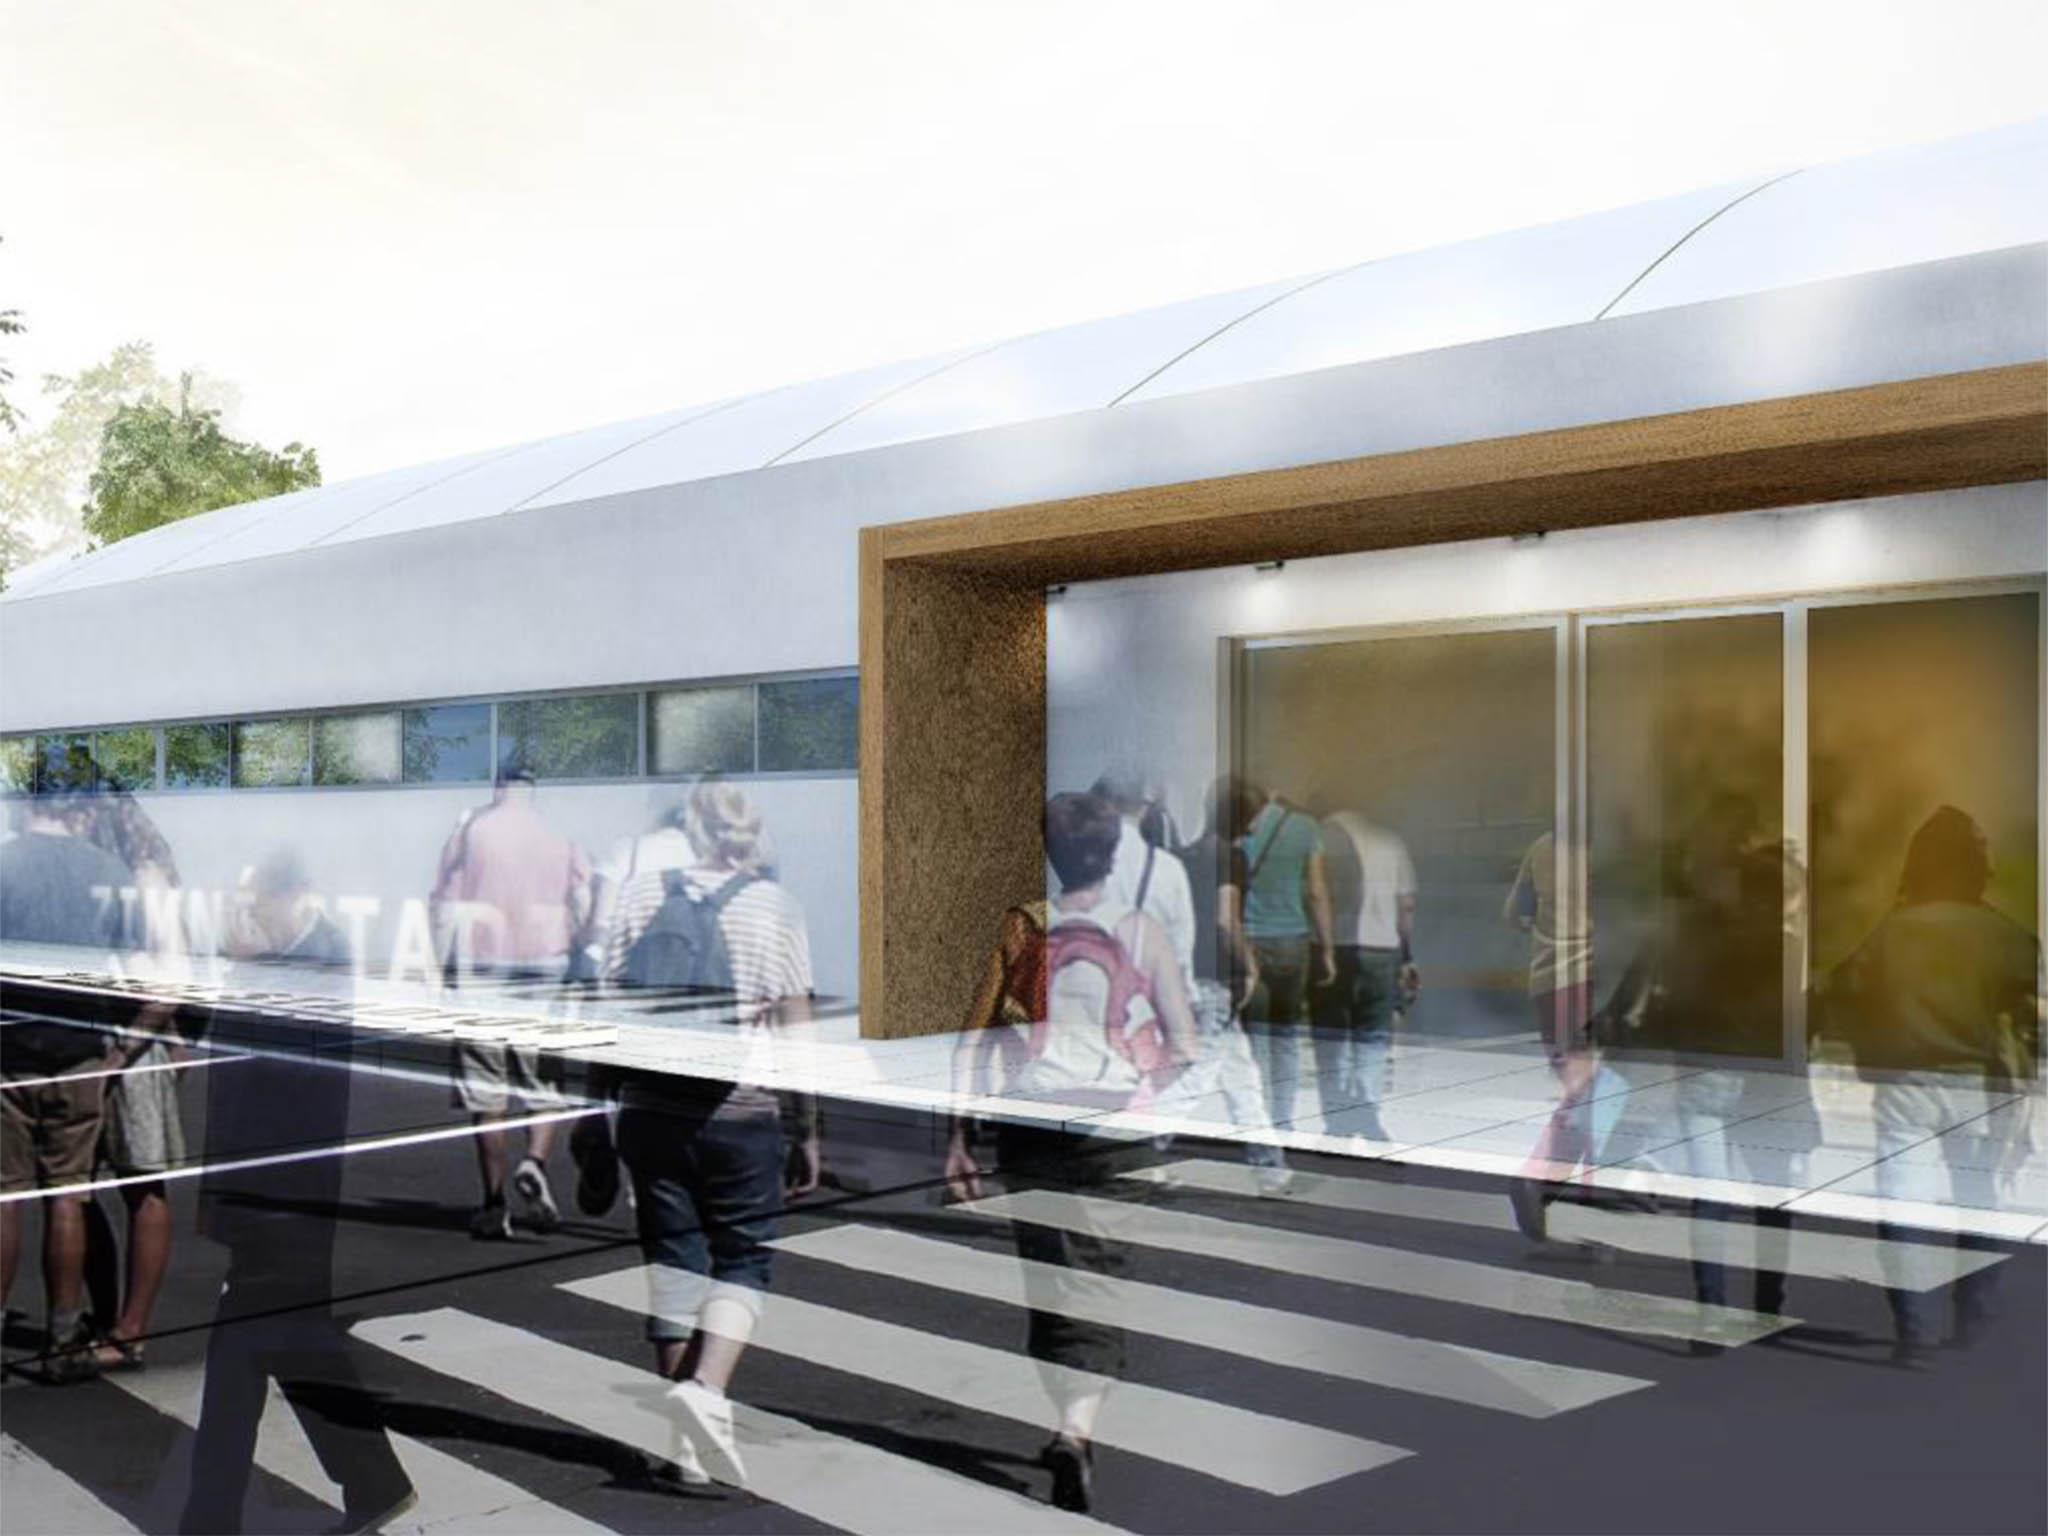 Národní investiční plán počítá s budováním zimních stadionů v menších městech. Vychází z projektu nízkonákladového zimního stadionu, který před dvěma nechal připravil Český svaz ledního hokeje.